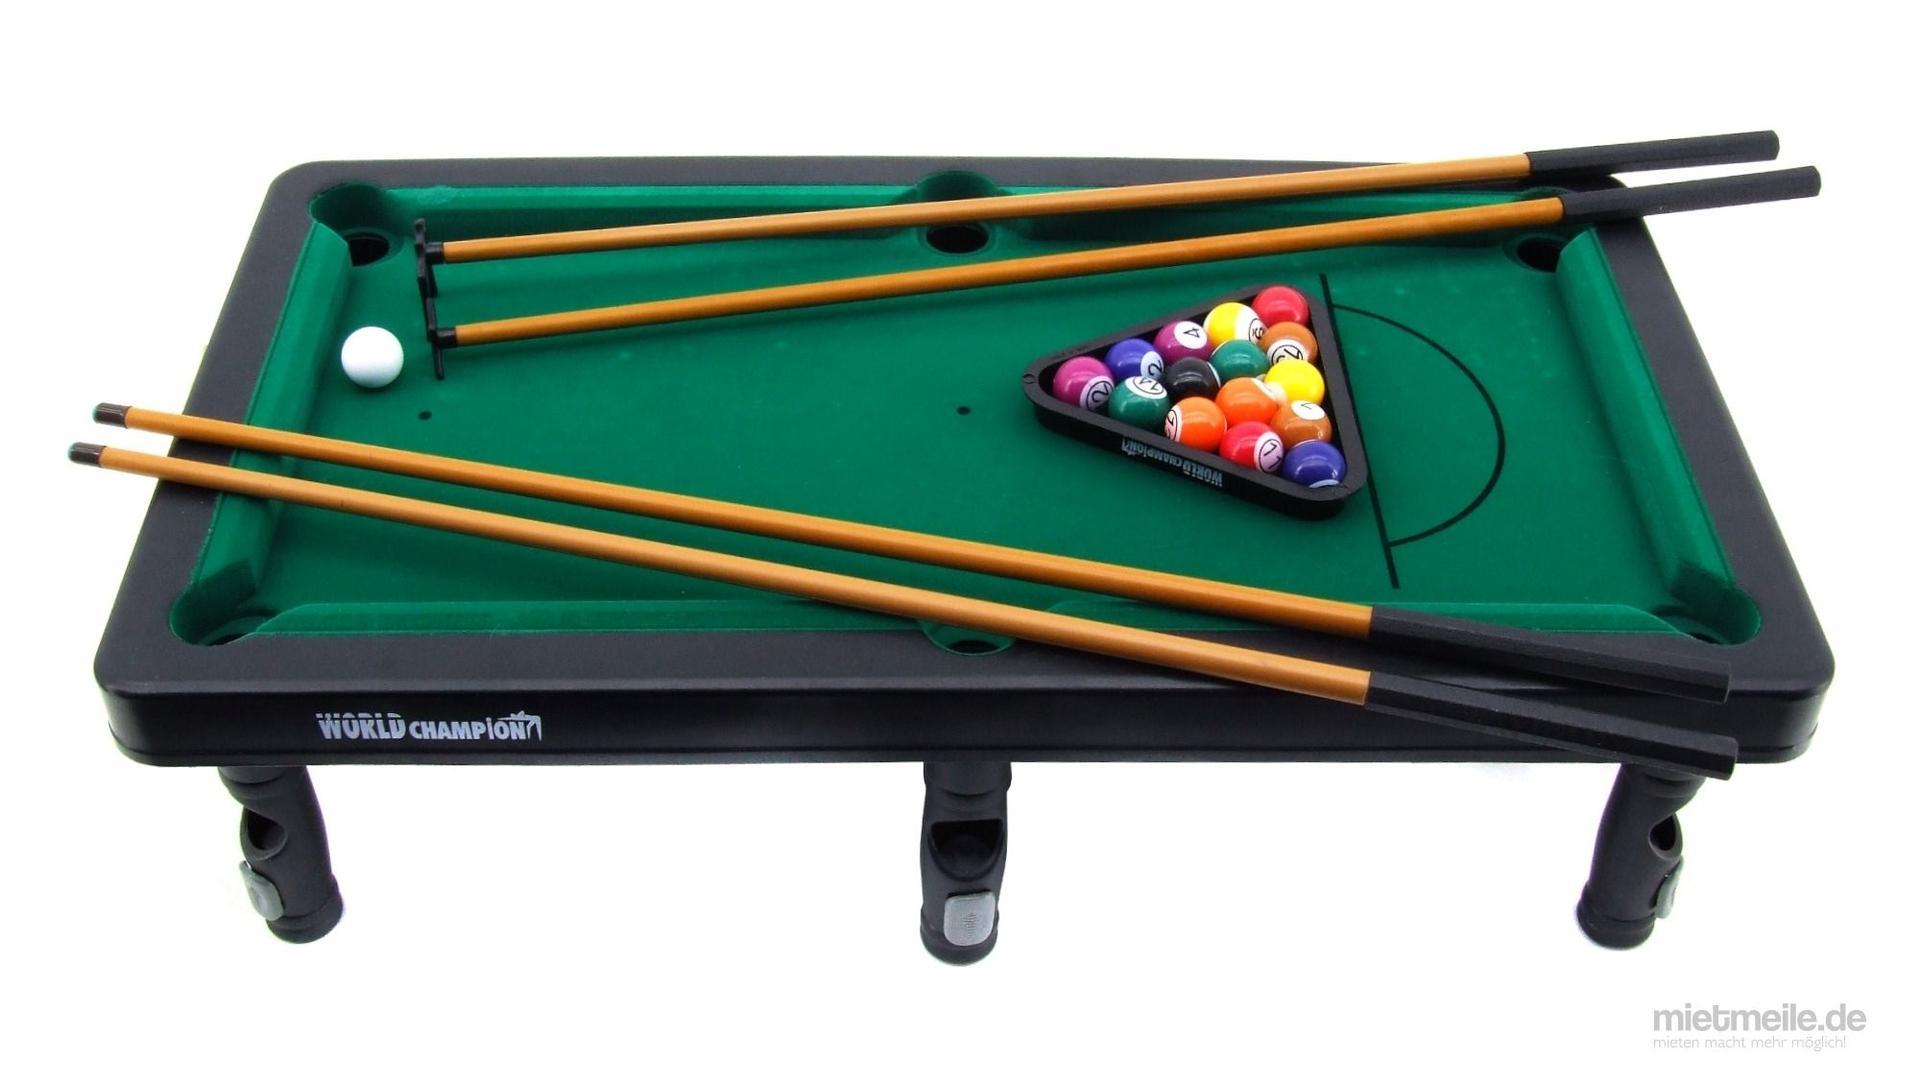 Billardtisch mieten & vermieten - Mini Billardtisch Snooker Pool Billard in Schkeuditz